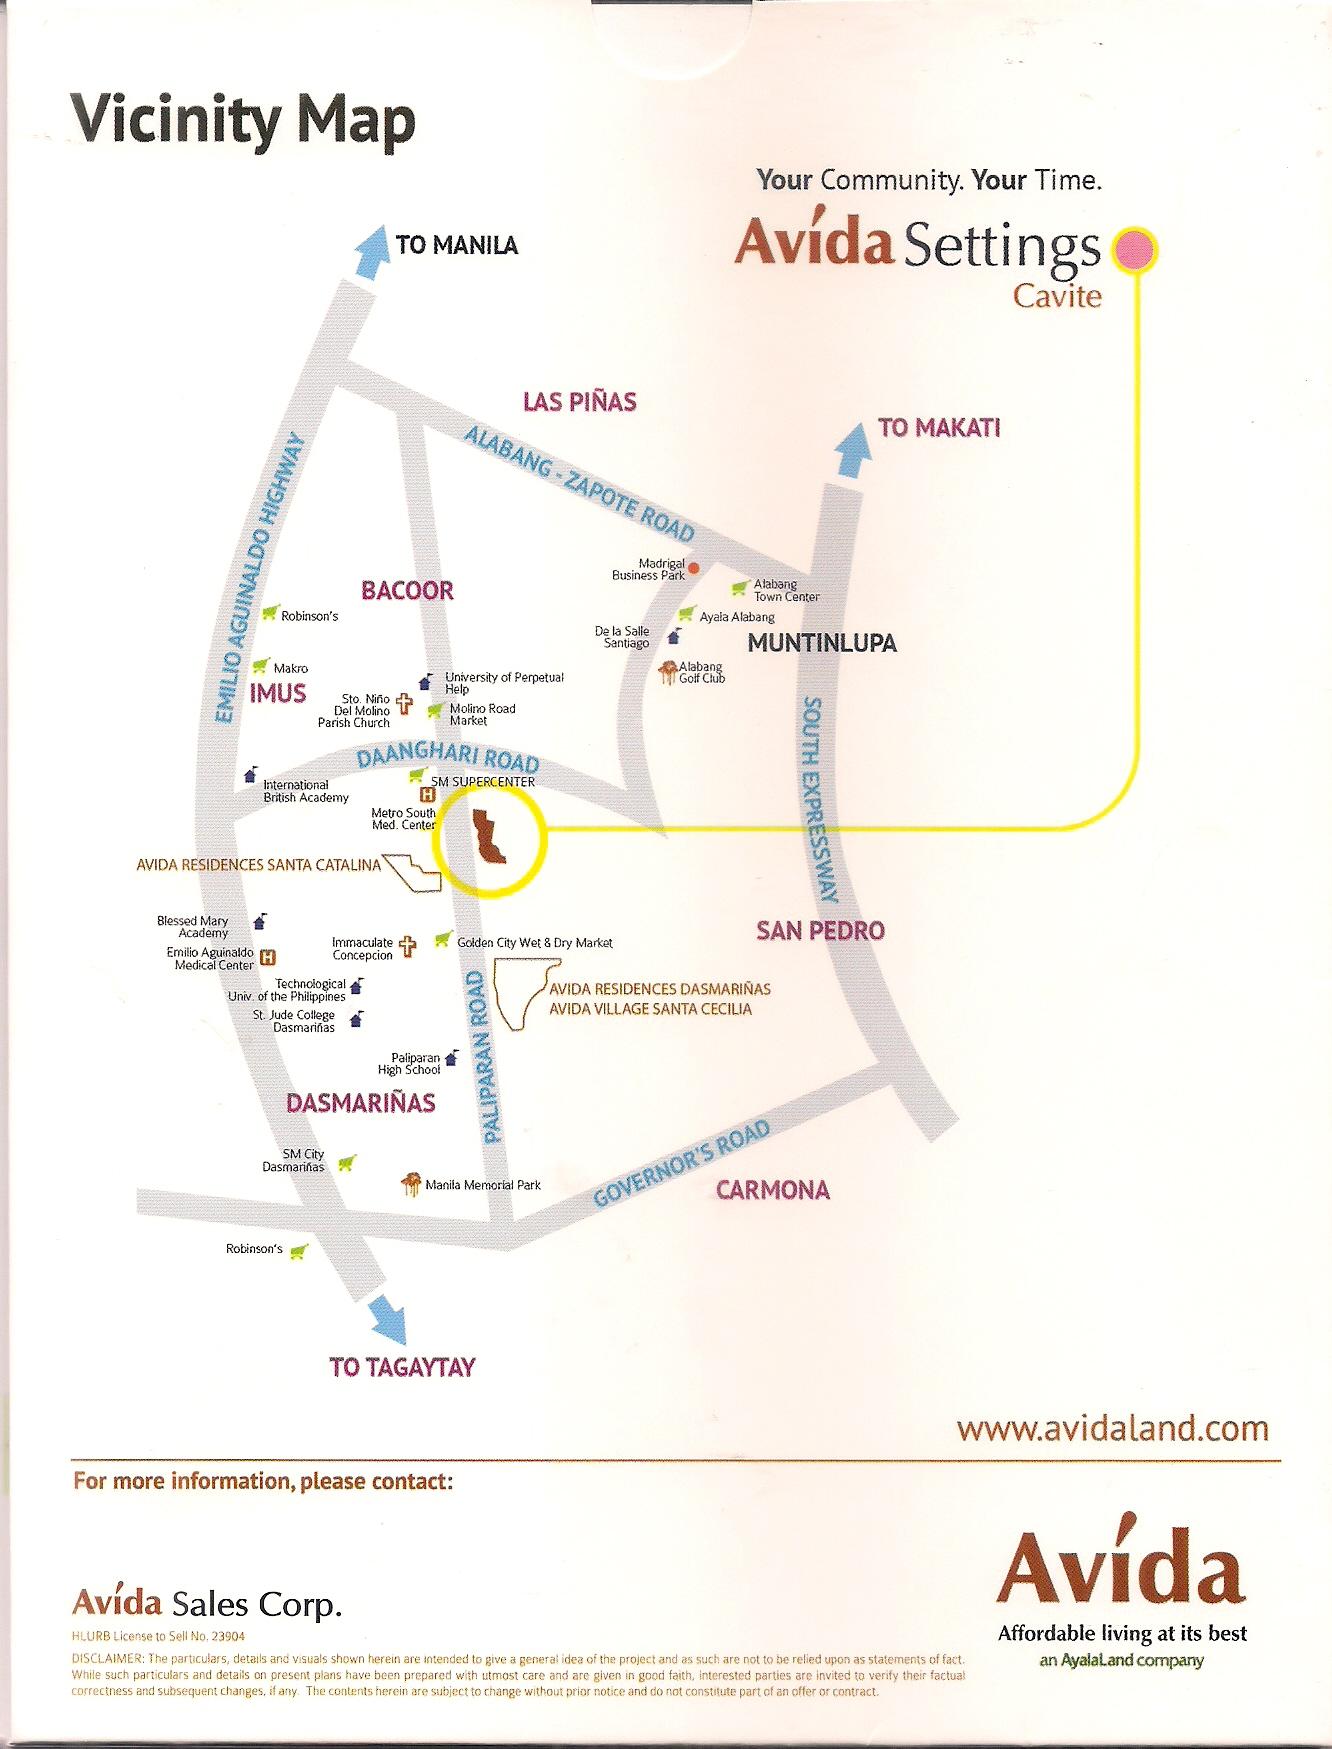 Avida Settings Cavite - Vicinity Map